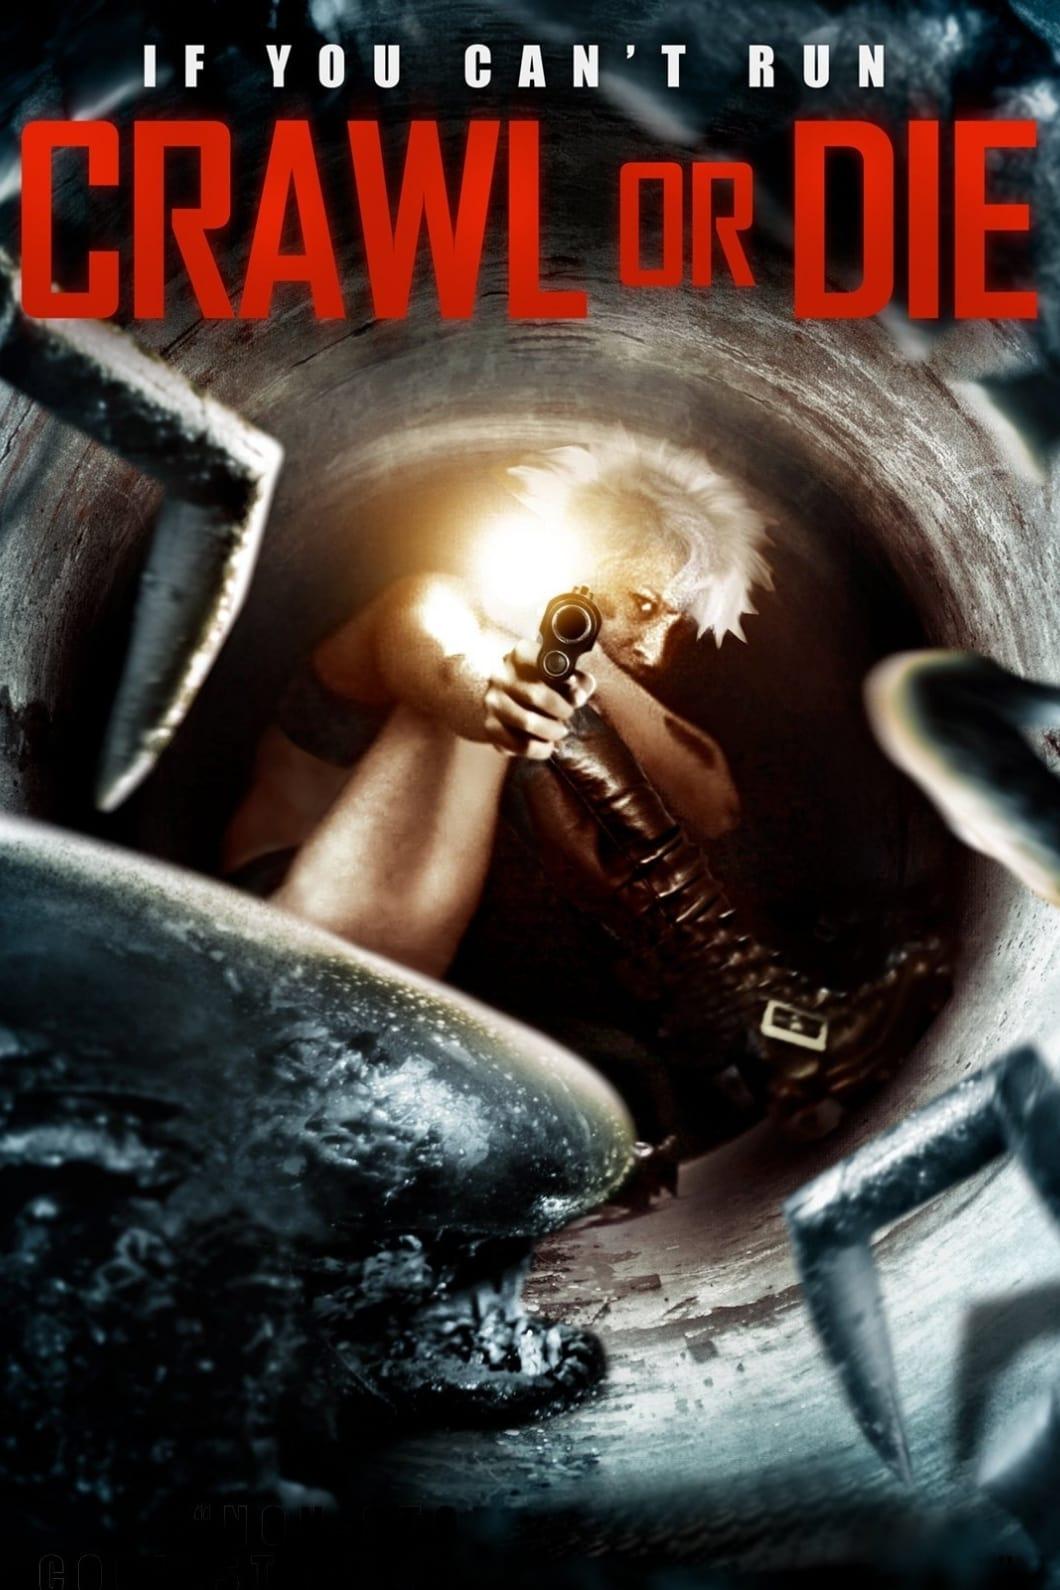 Crawl or Die